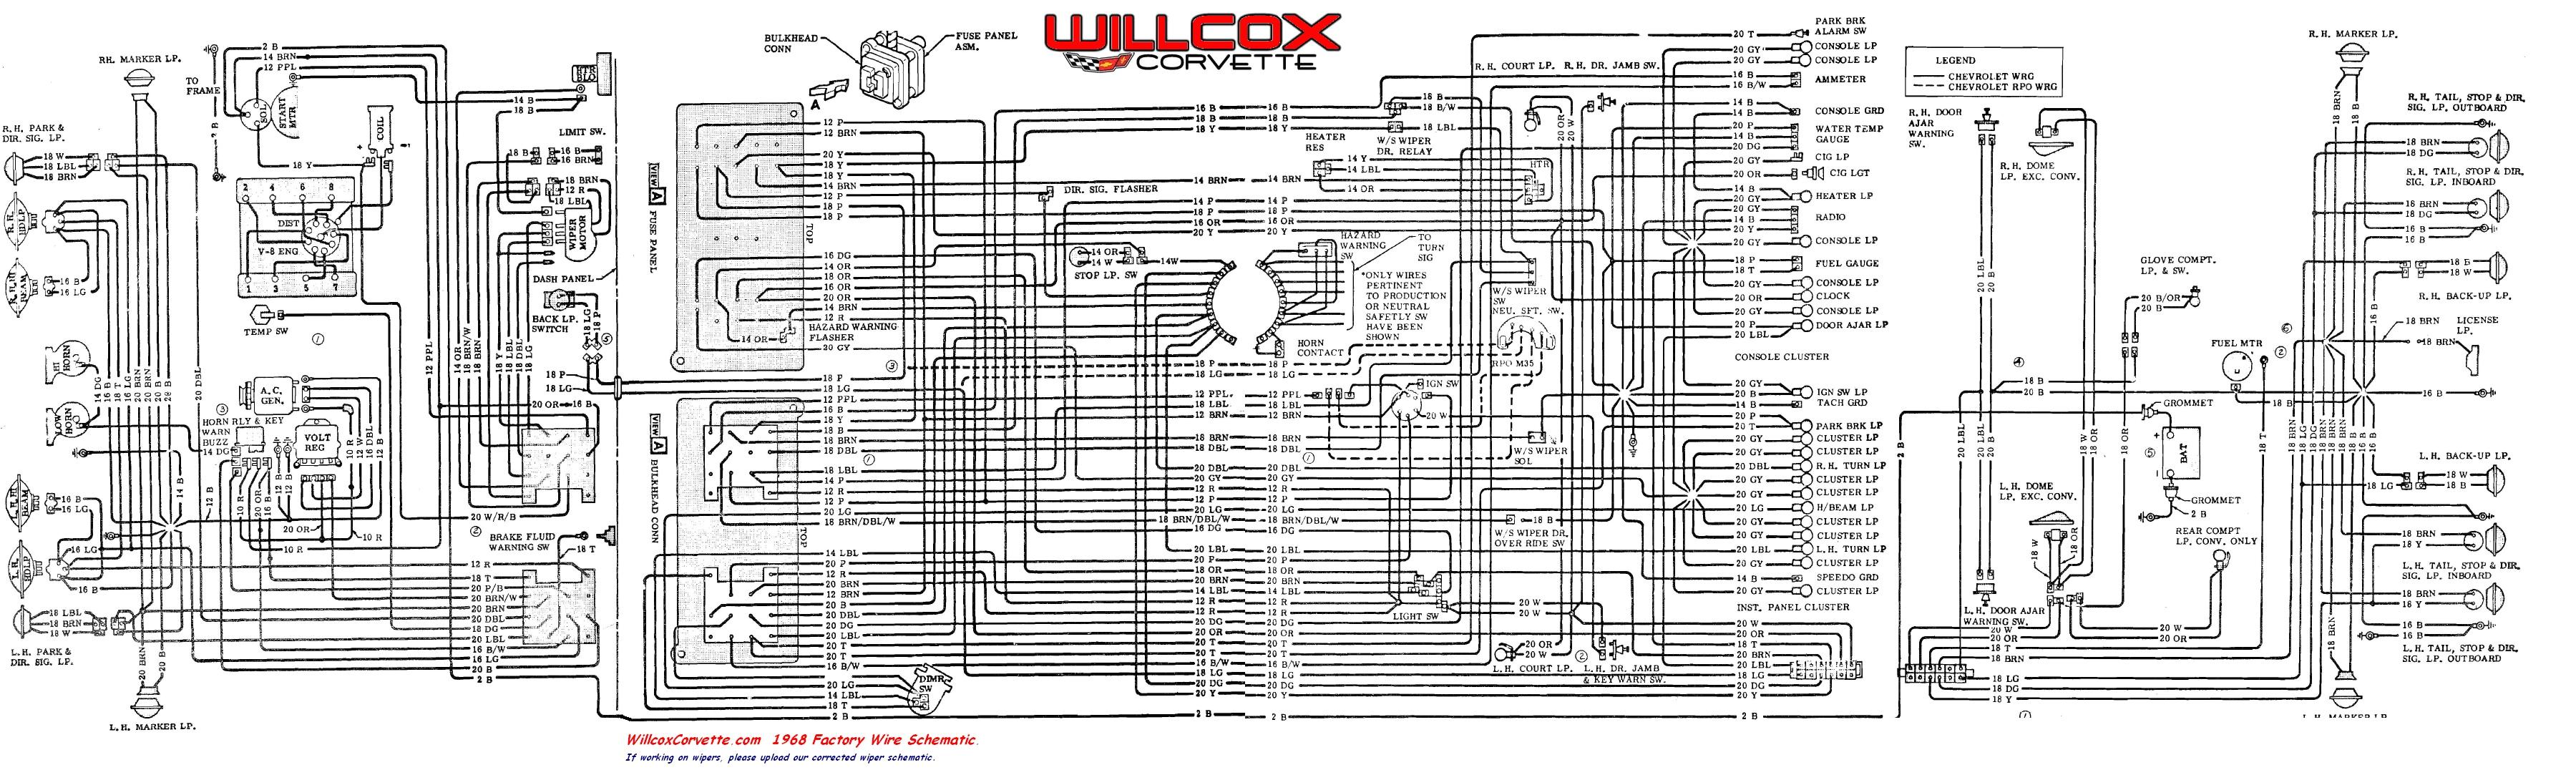 corvette wiring schematic wiring diagram toolbox 1968 corvette wiring schematic